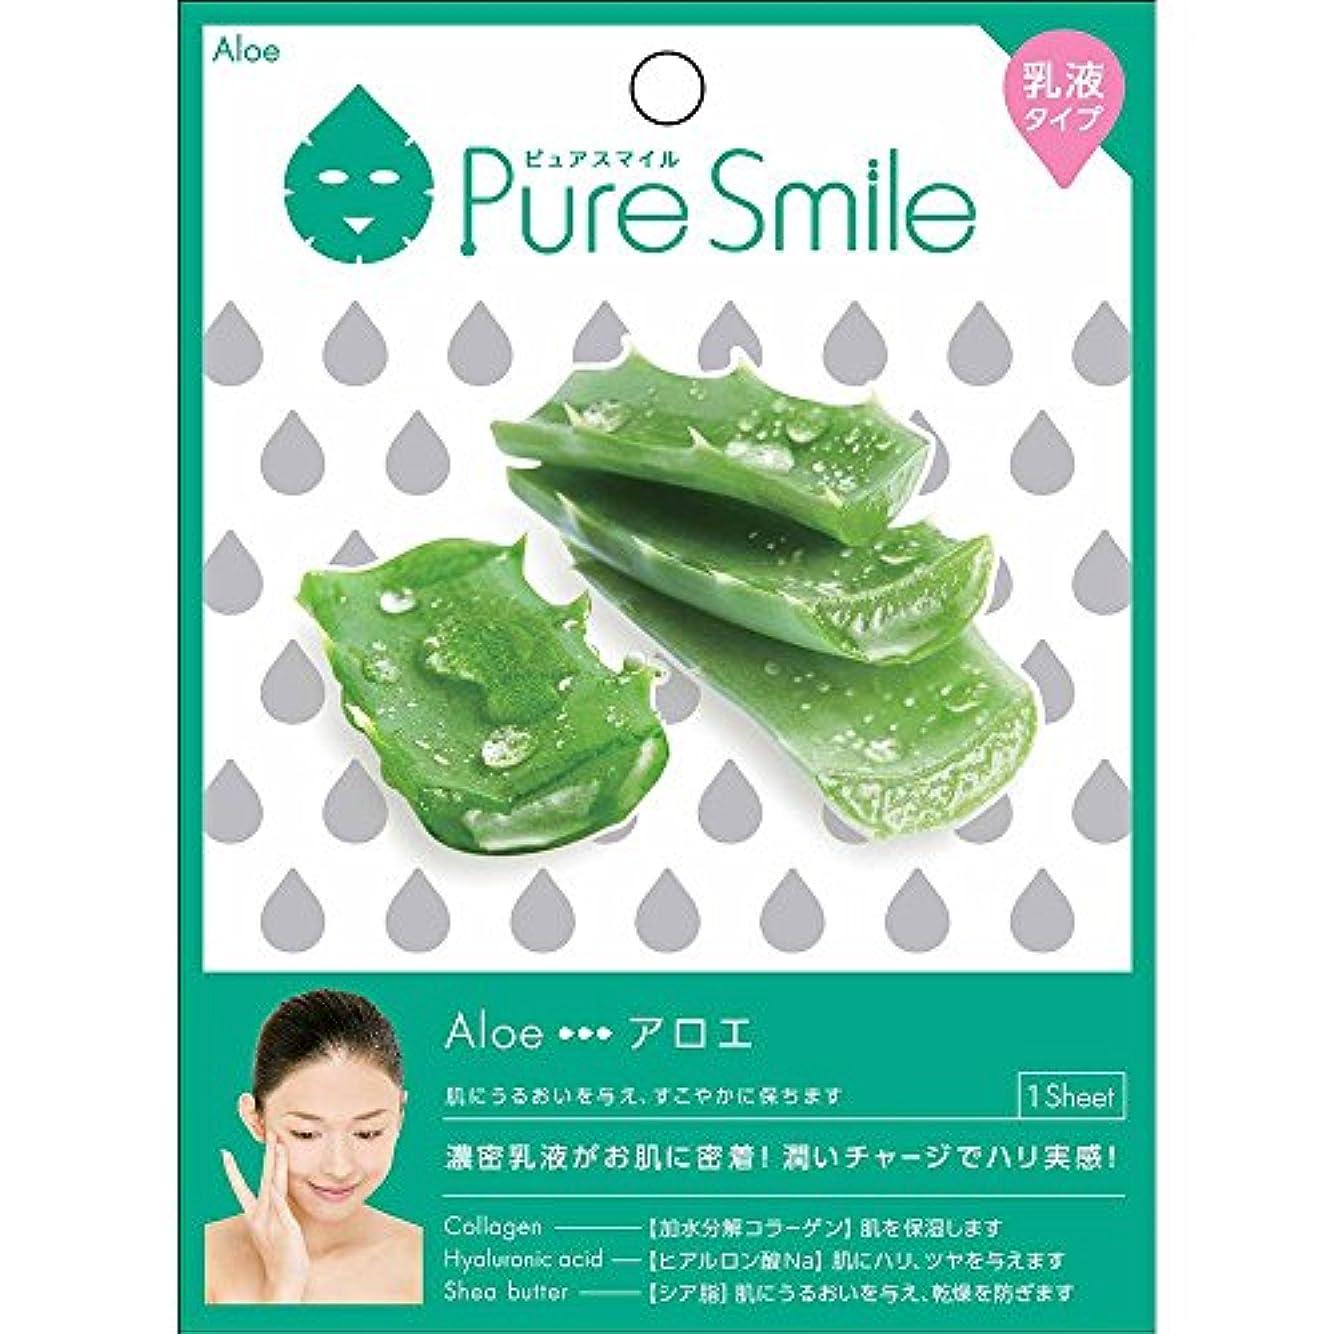 飲食店欺宇宙のPure Smile(ピュアスマイル) 乳液エッセンスマスク 1 枚 アロエ